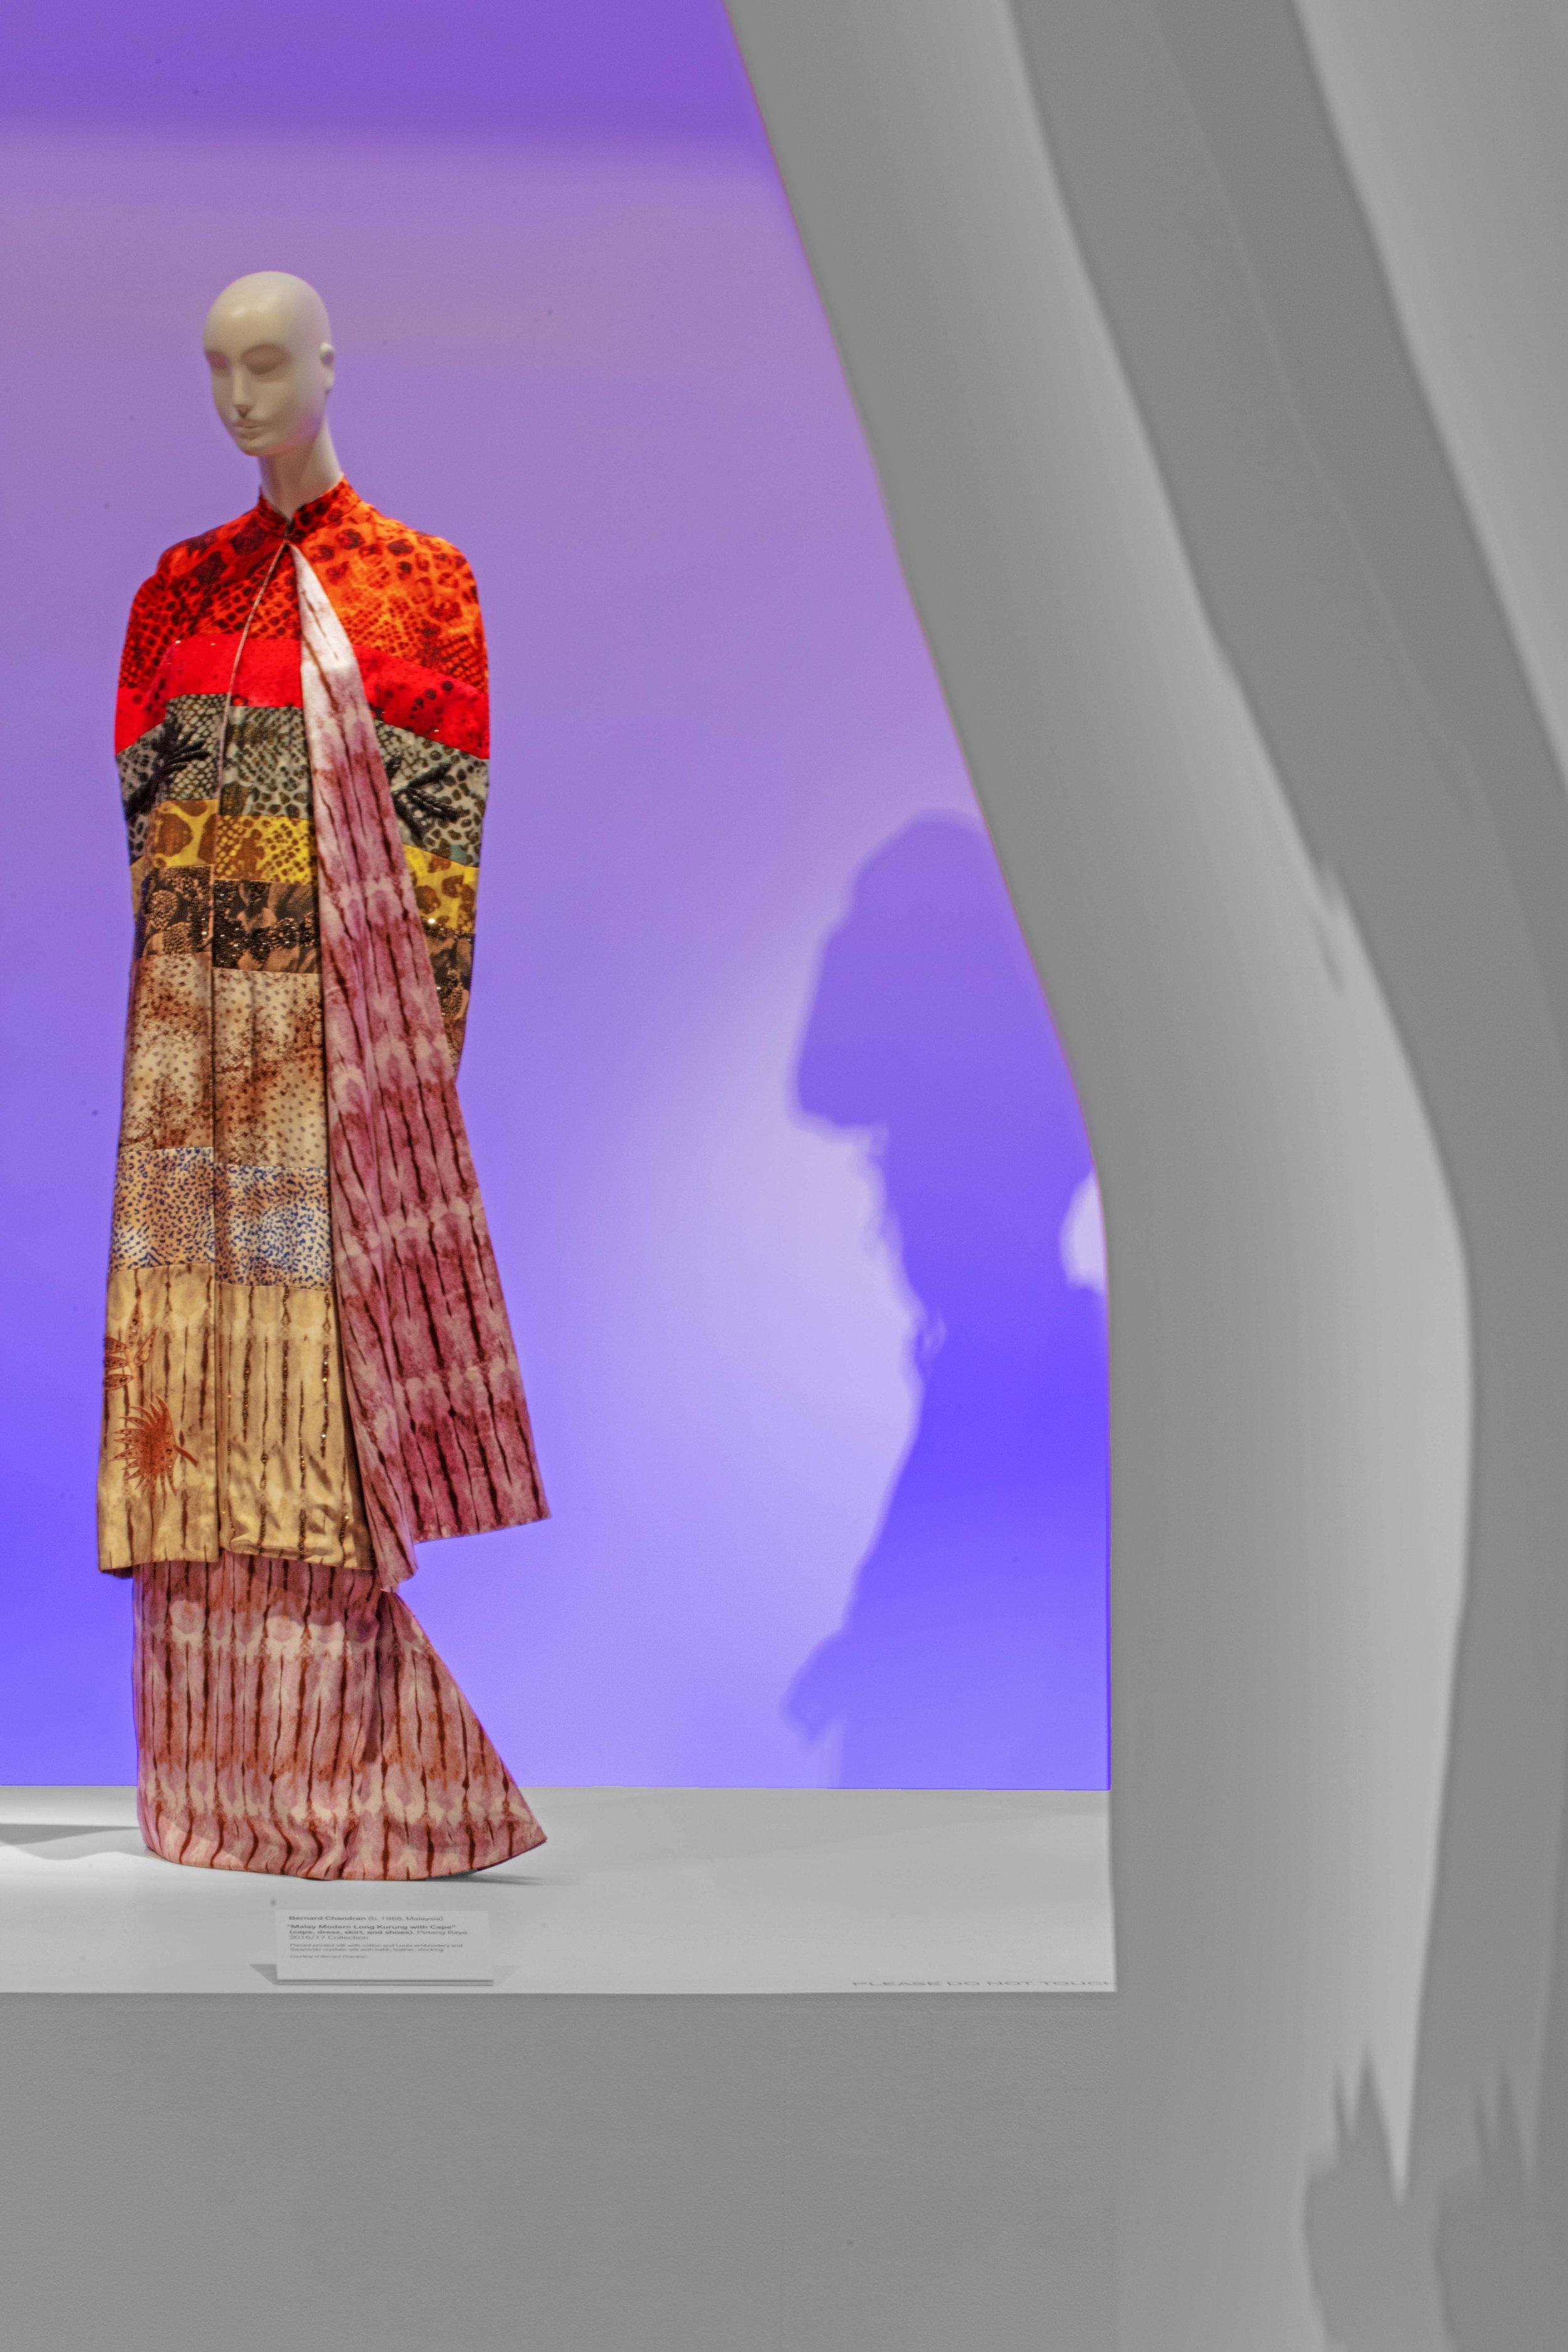 Contemporary Muslim Fashions Exhibit SF 2018 (57).jpg